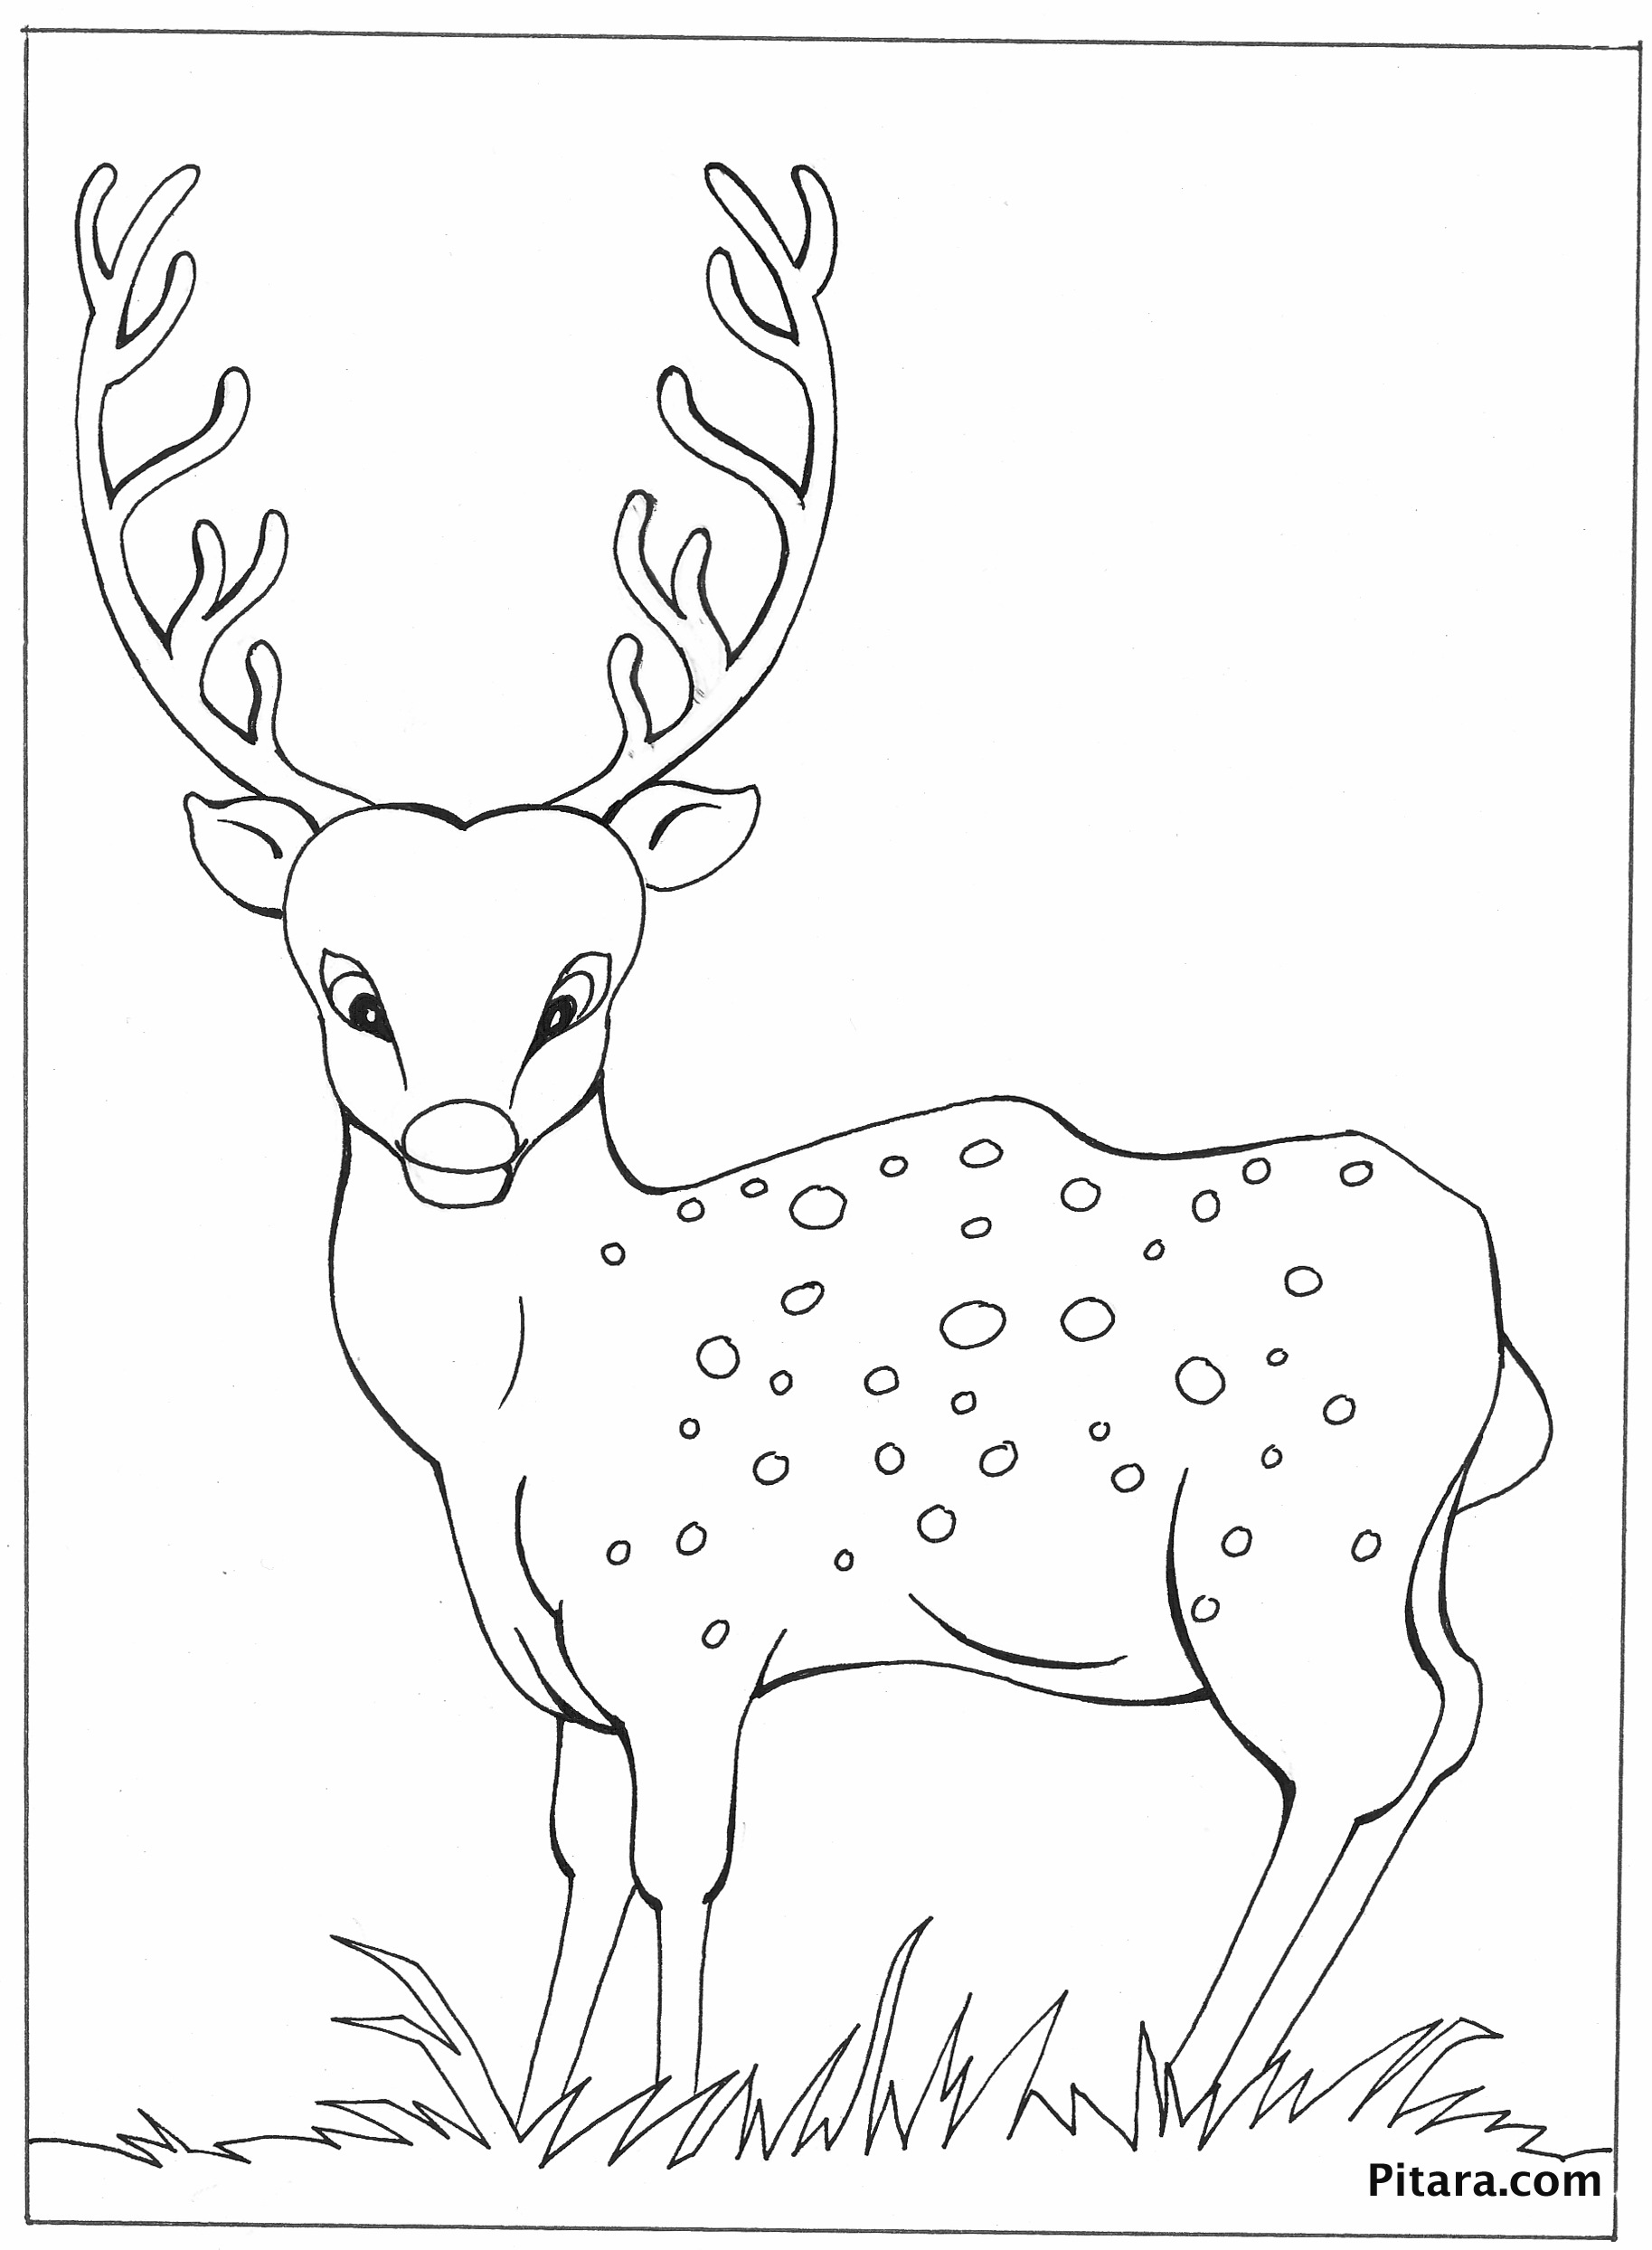 Deer – Coloring page